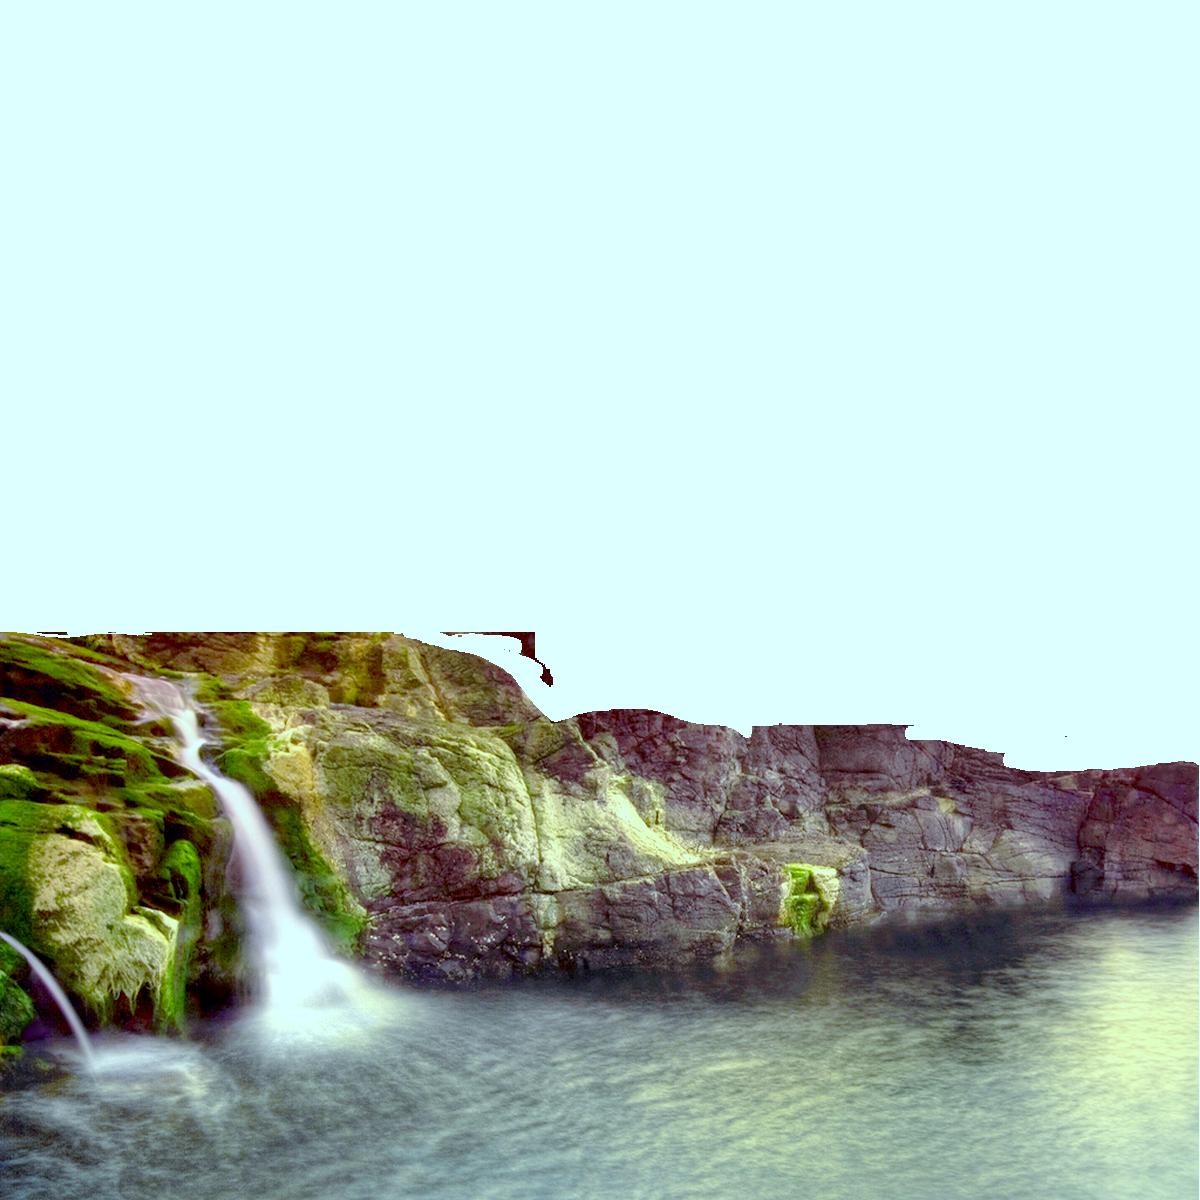 Gisoft Free png Images - Gratuit: images png de chutes et cascades sur fond 100% transparent ...